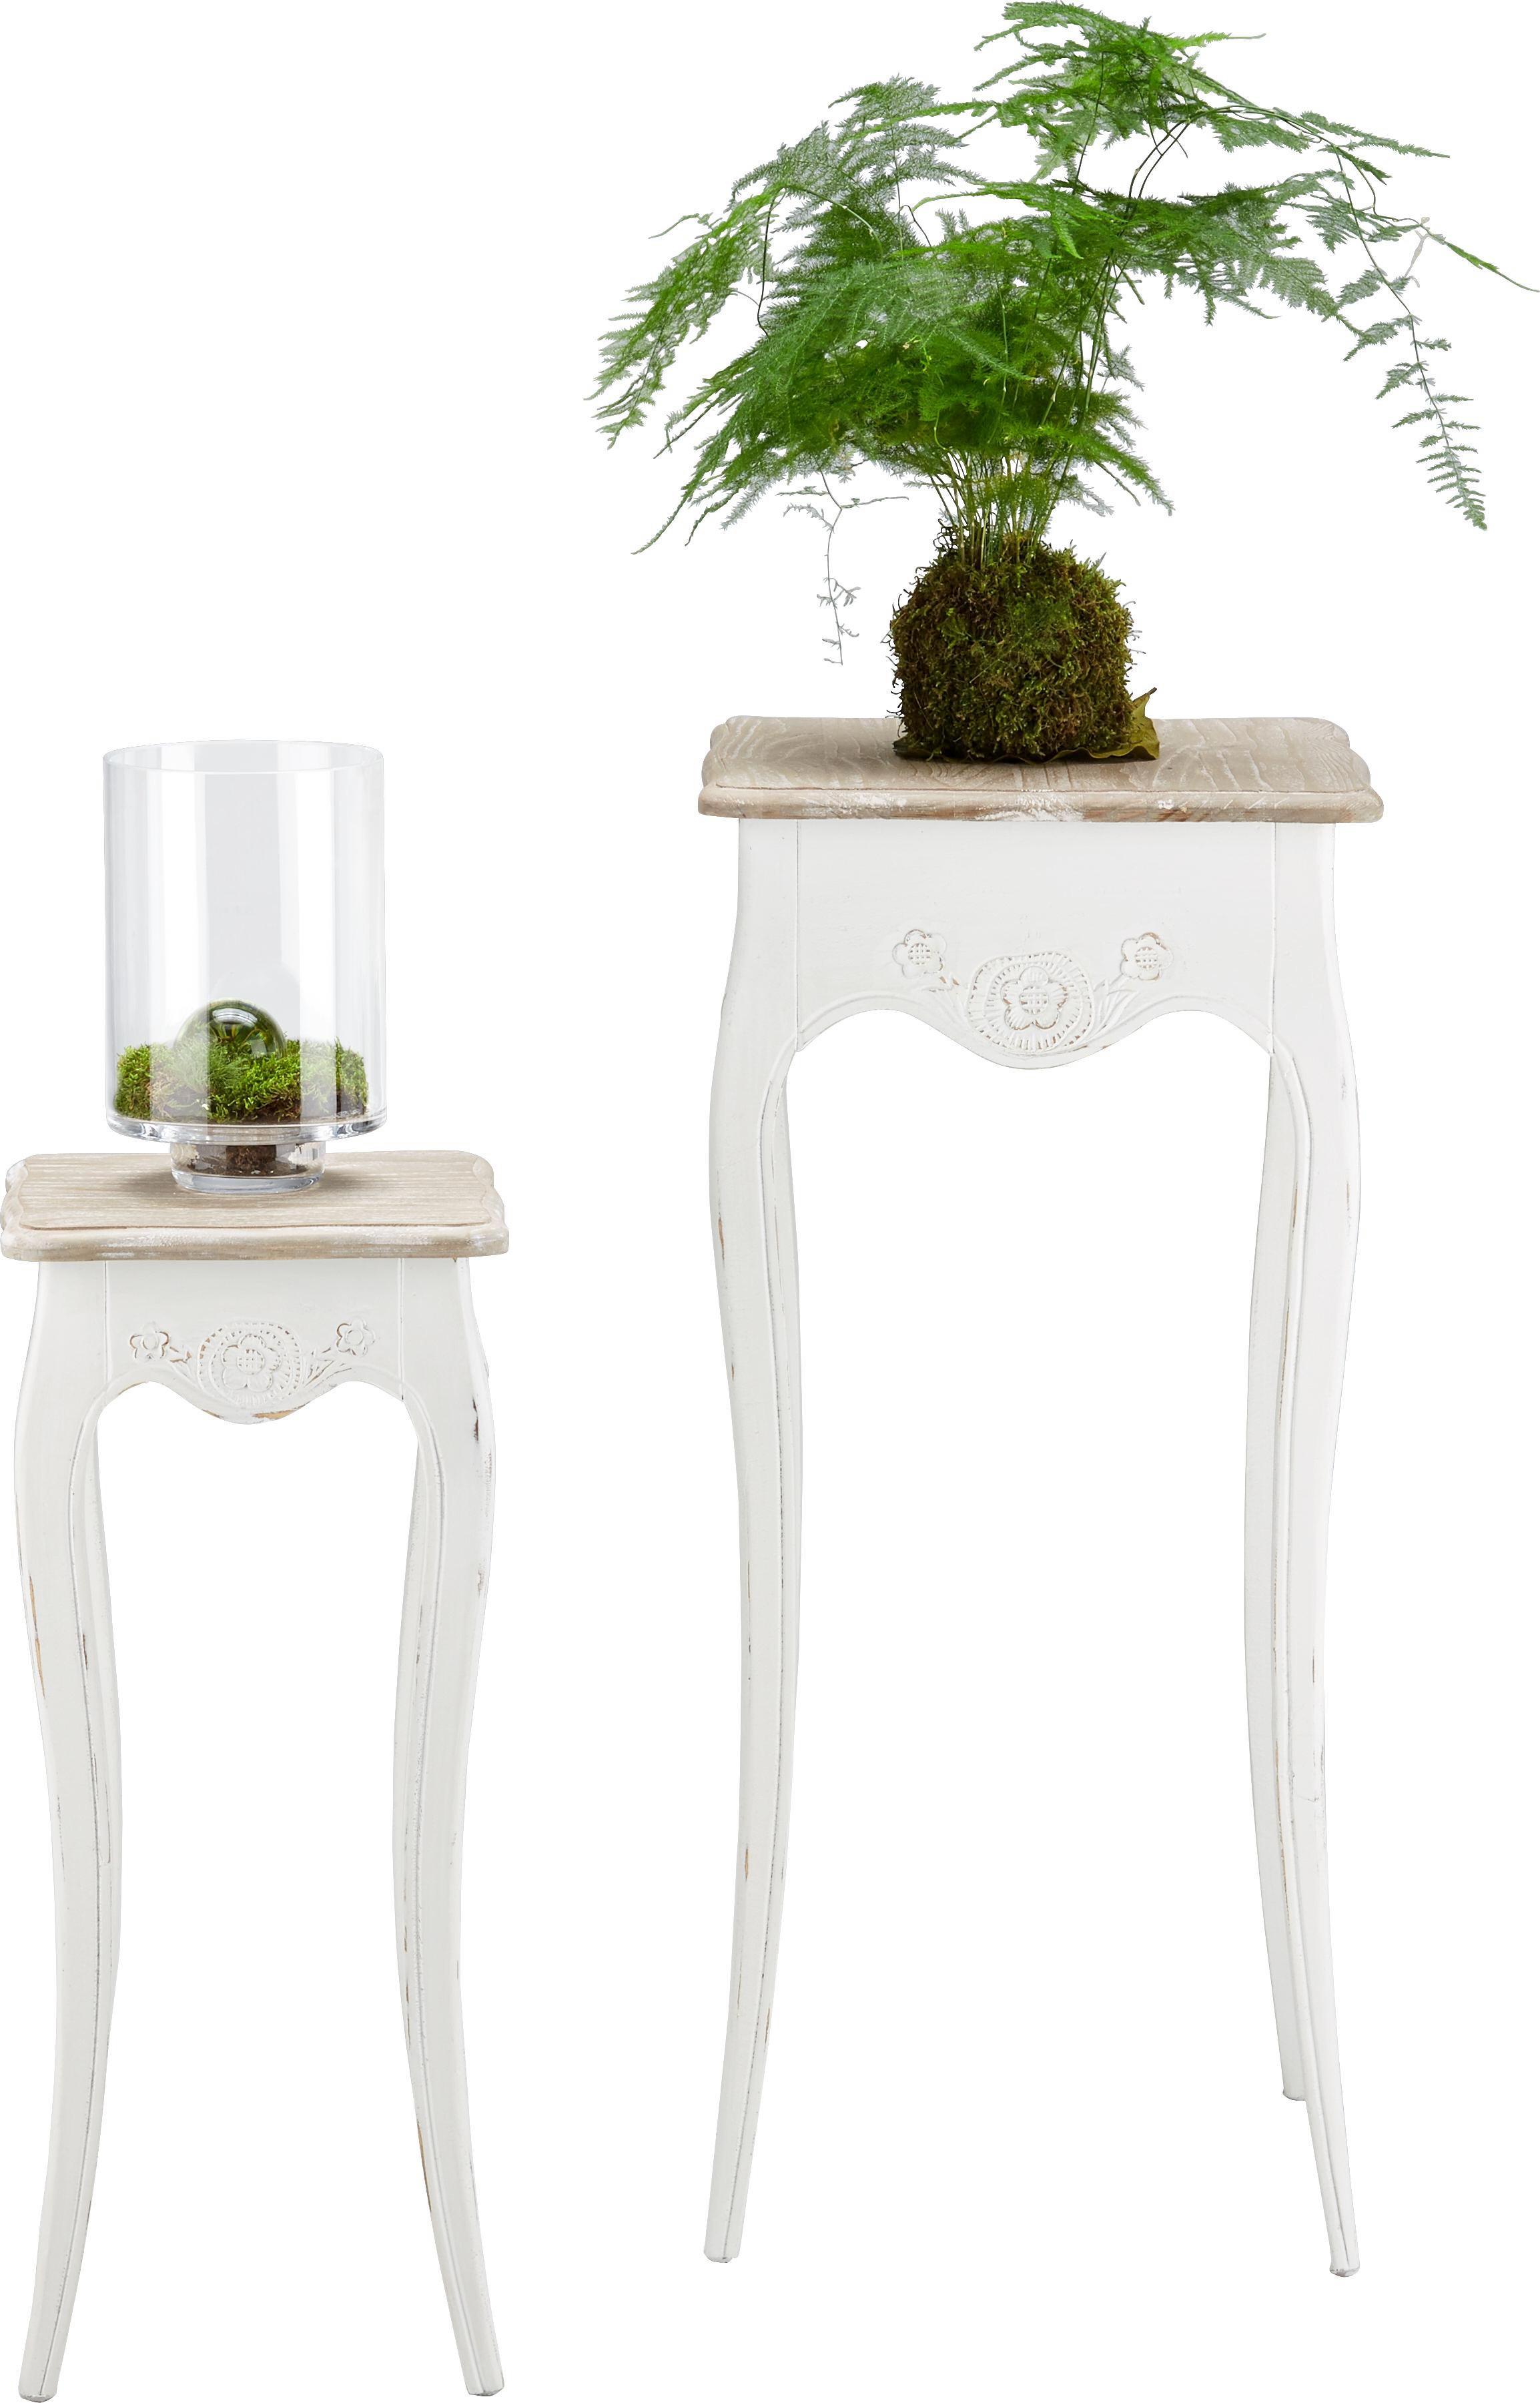 Blumentisch Amelie 2er Set - Pinienfarben, ROMANTIK / LANDHAUS, Holz - PREMIUM LIVING